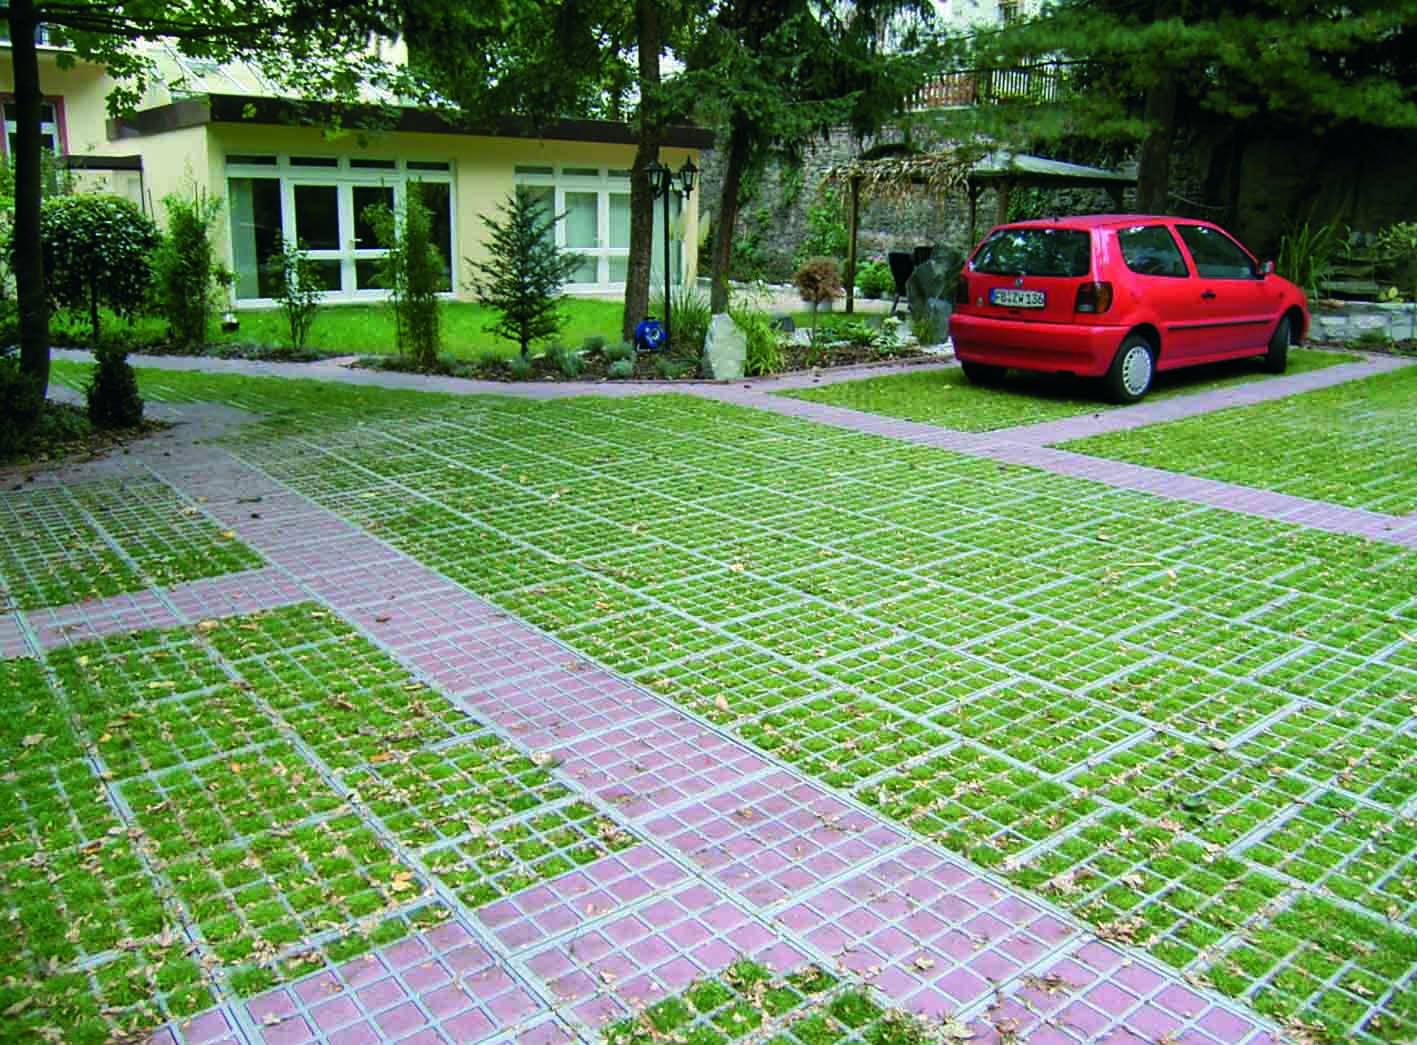 Газонная решетка - обзор бетонных, пластиковых, для дорожек, парковочных мест по производителям и ценам